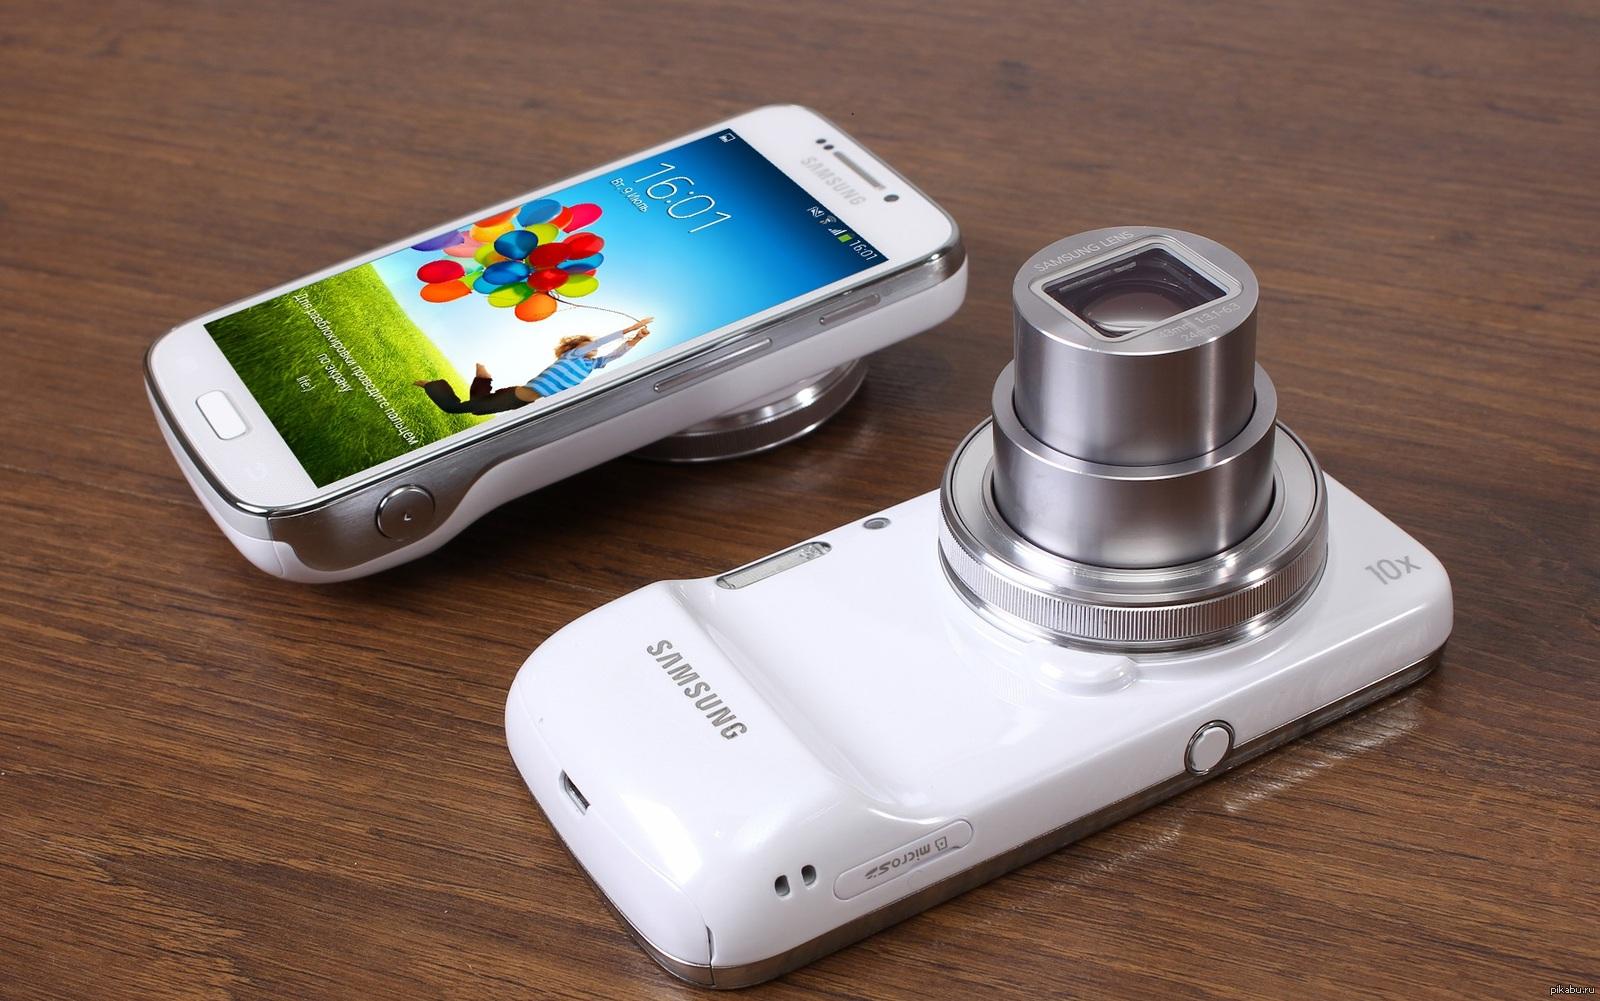 этим феноменом самый хороший фотоаппарат на телефоне сахалине практически ждут